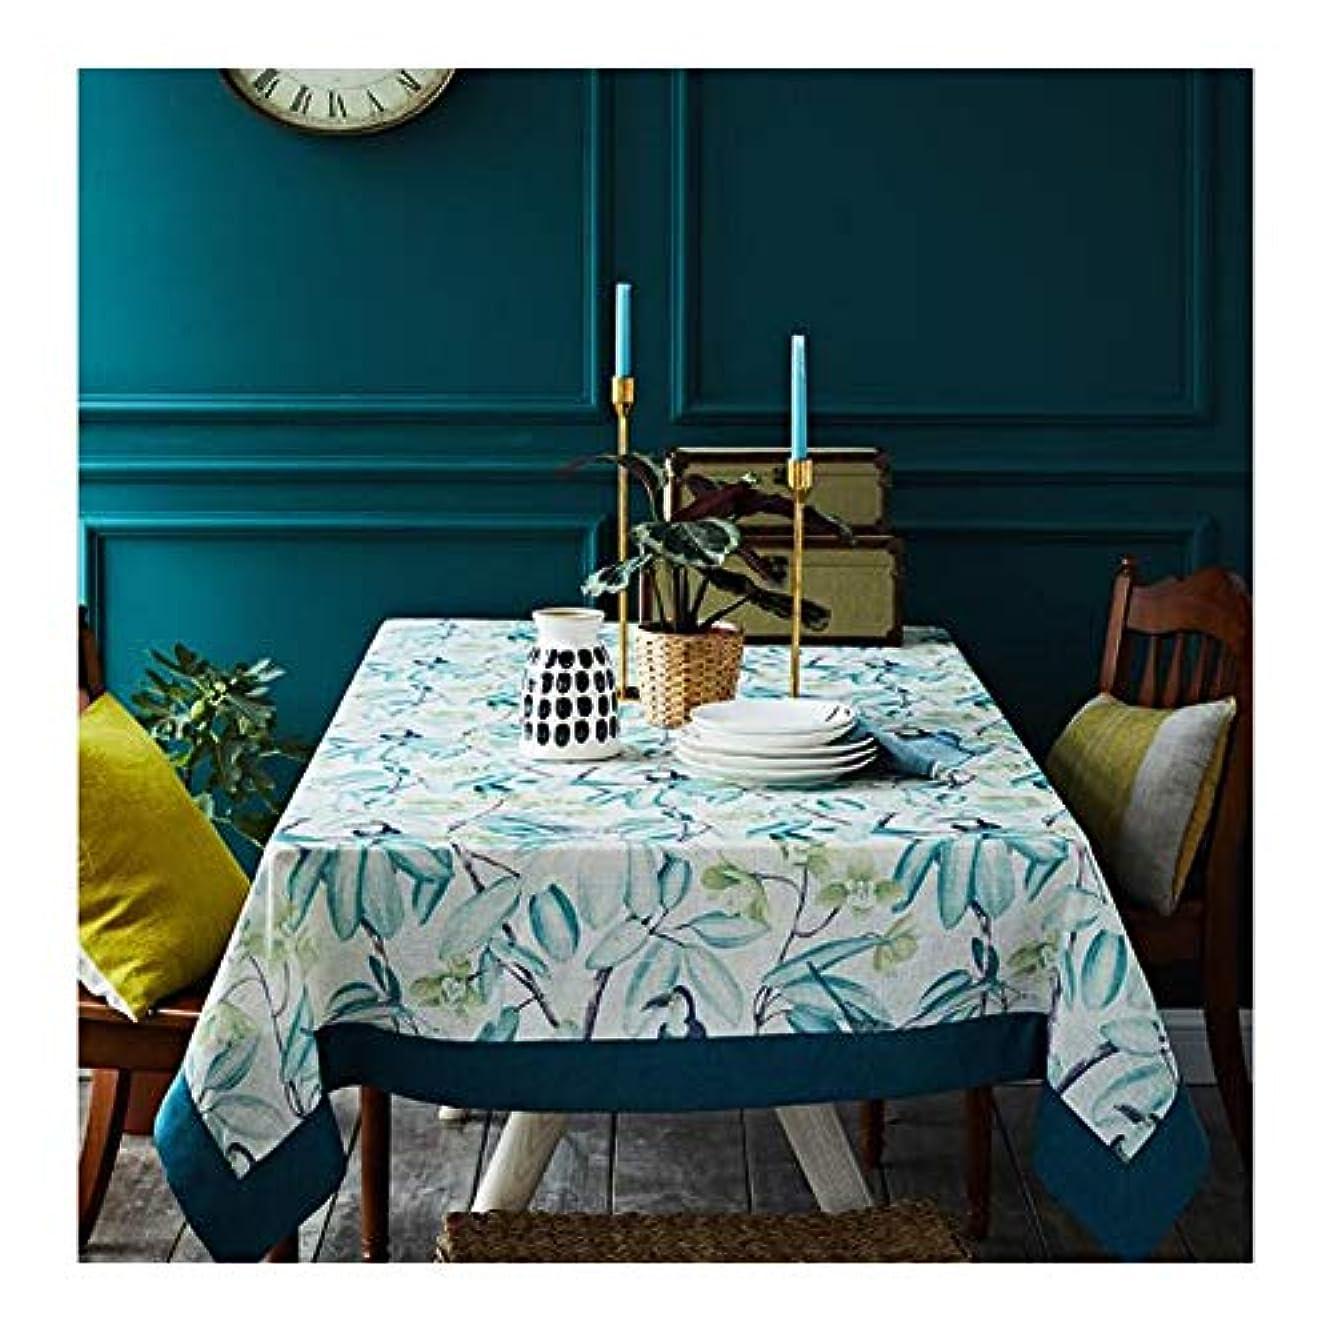 二層踏みつけはさみアメリカのヨーロッパの北欧のテーブルクロスの生地IKEA小さい明確なイン風茶テーブルのテーブルクロス長方形 LUYIYI (Size : 140*200cm)